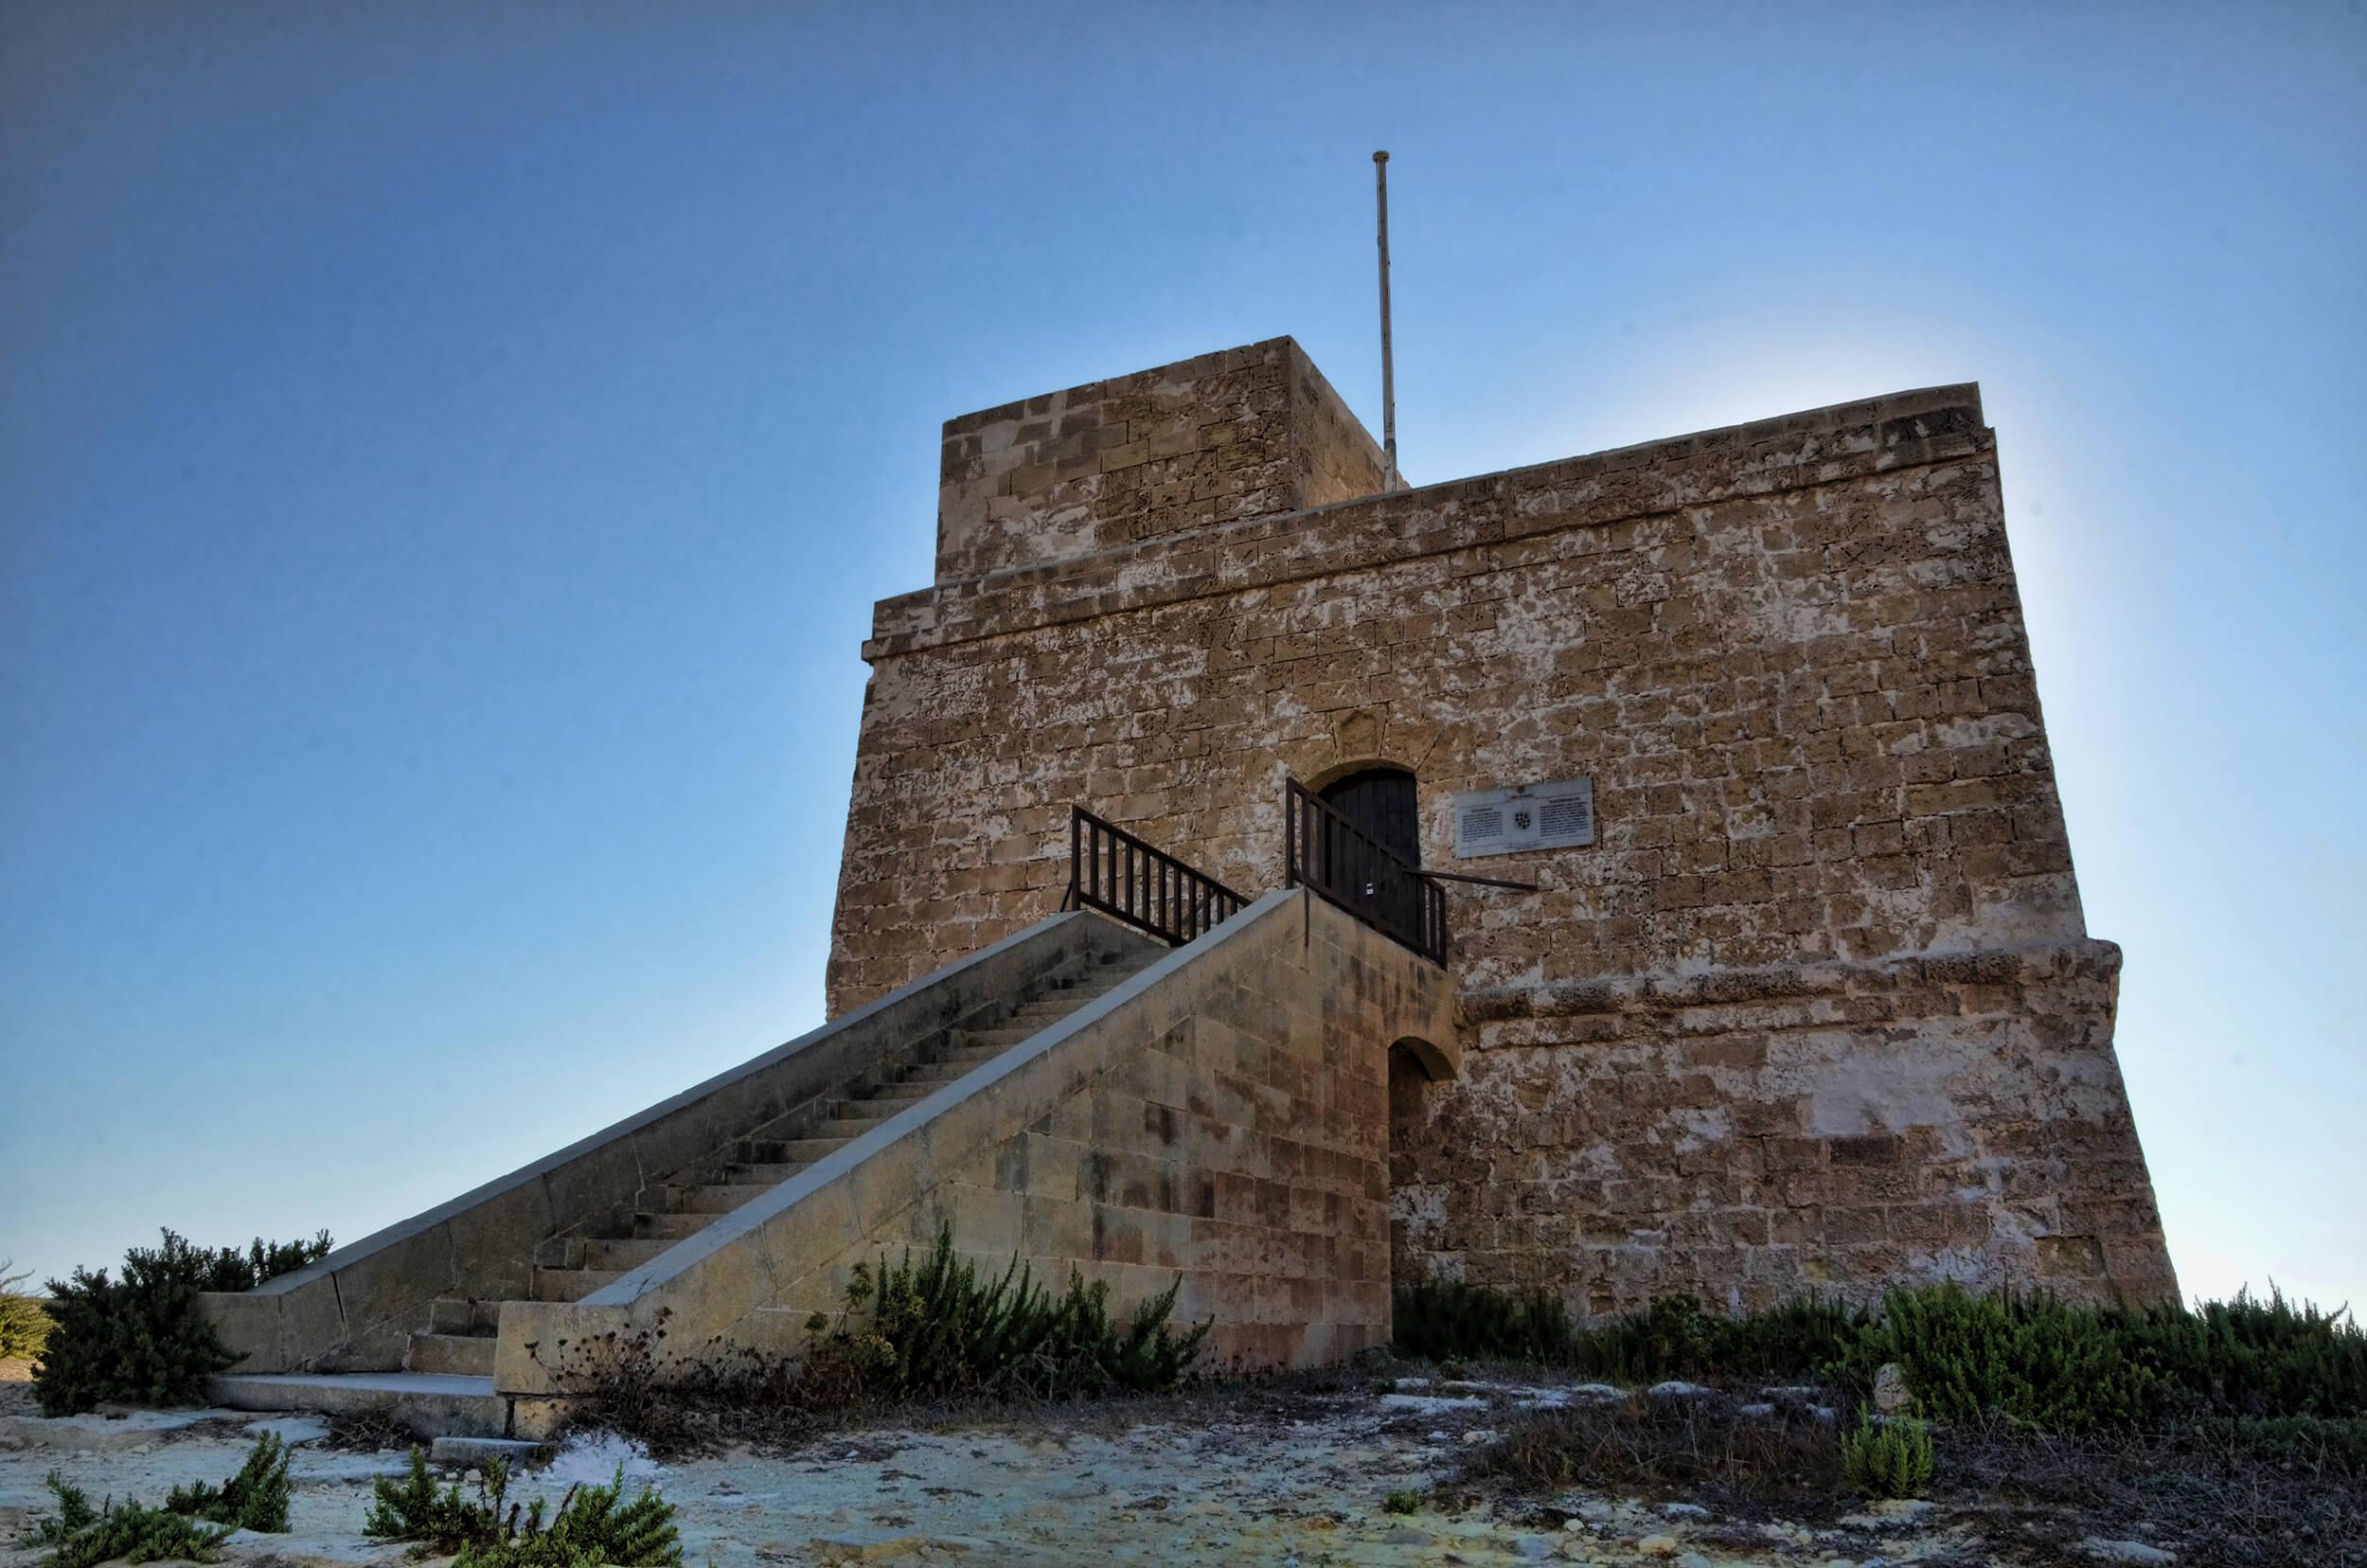 Dwejra Tower